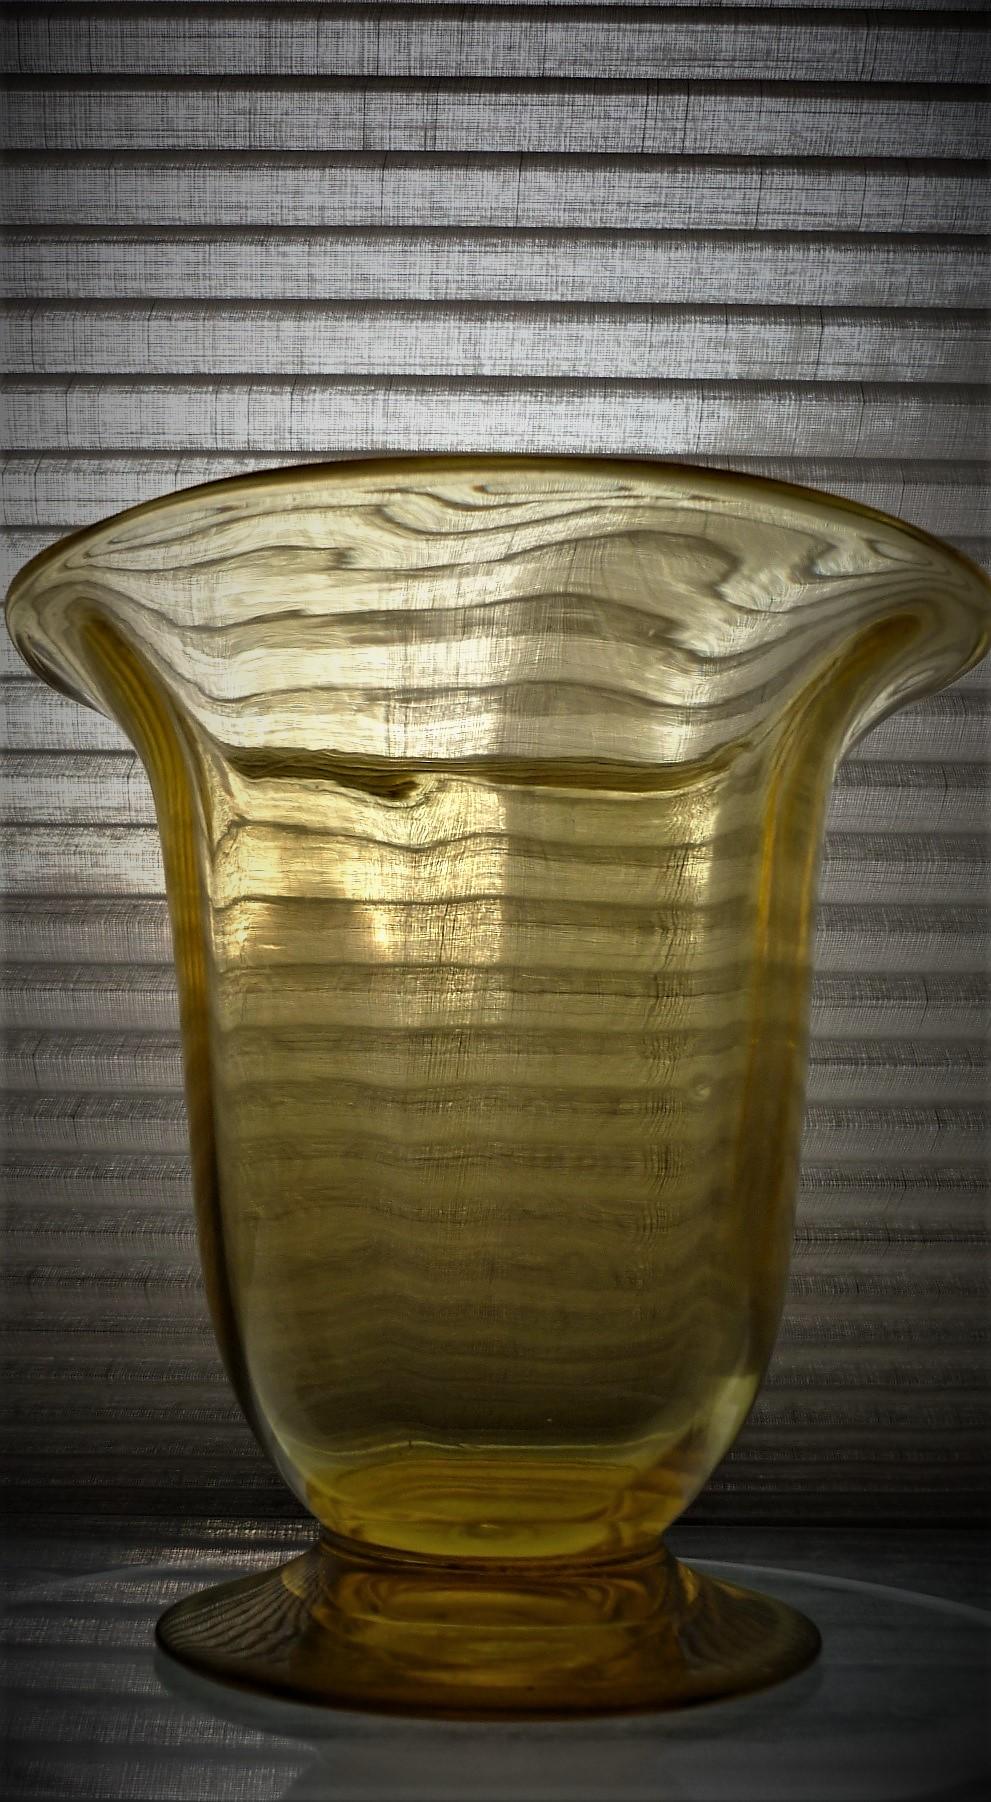 Webb Crystal flared rim pedestal vase in a light amber glass.